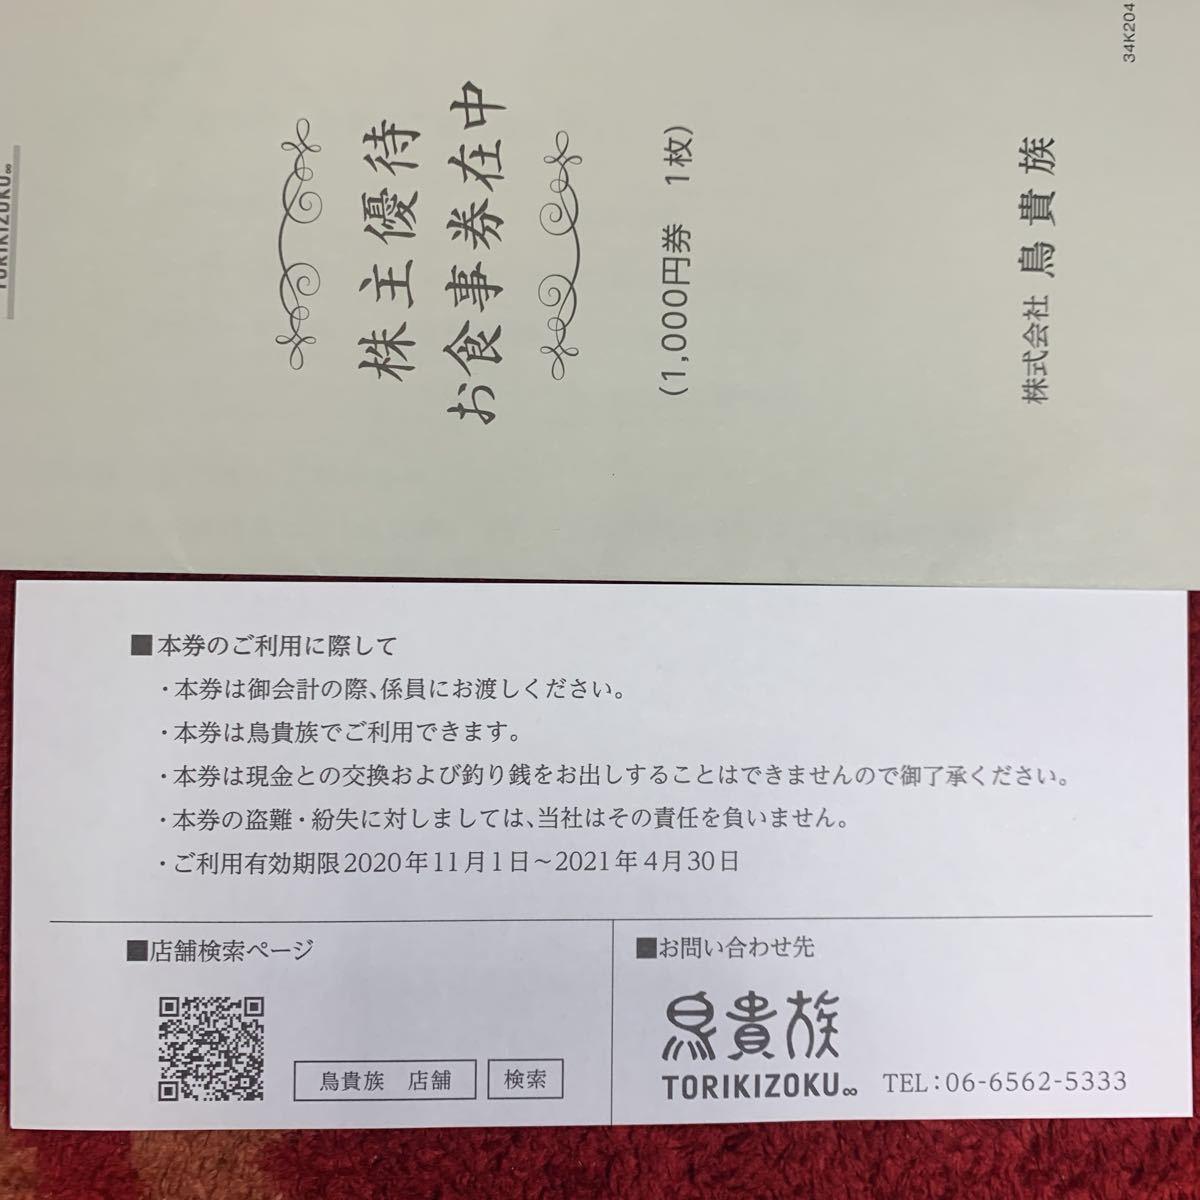 ★鳥貴族 株主優待 お食事券 1000円分 (送料84円)_画像2